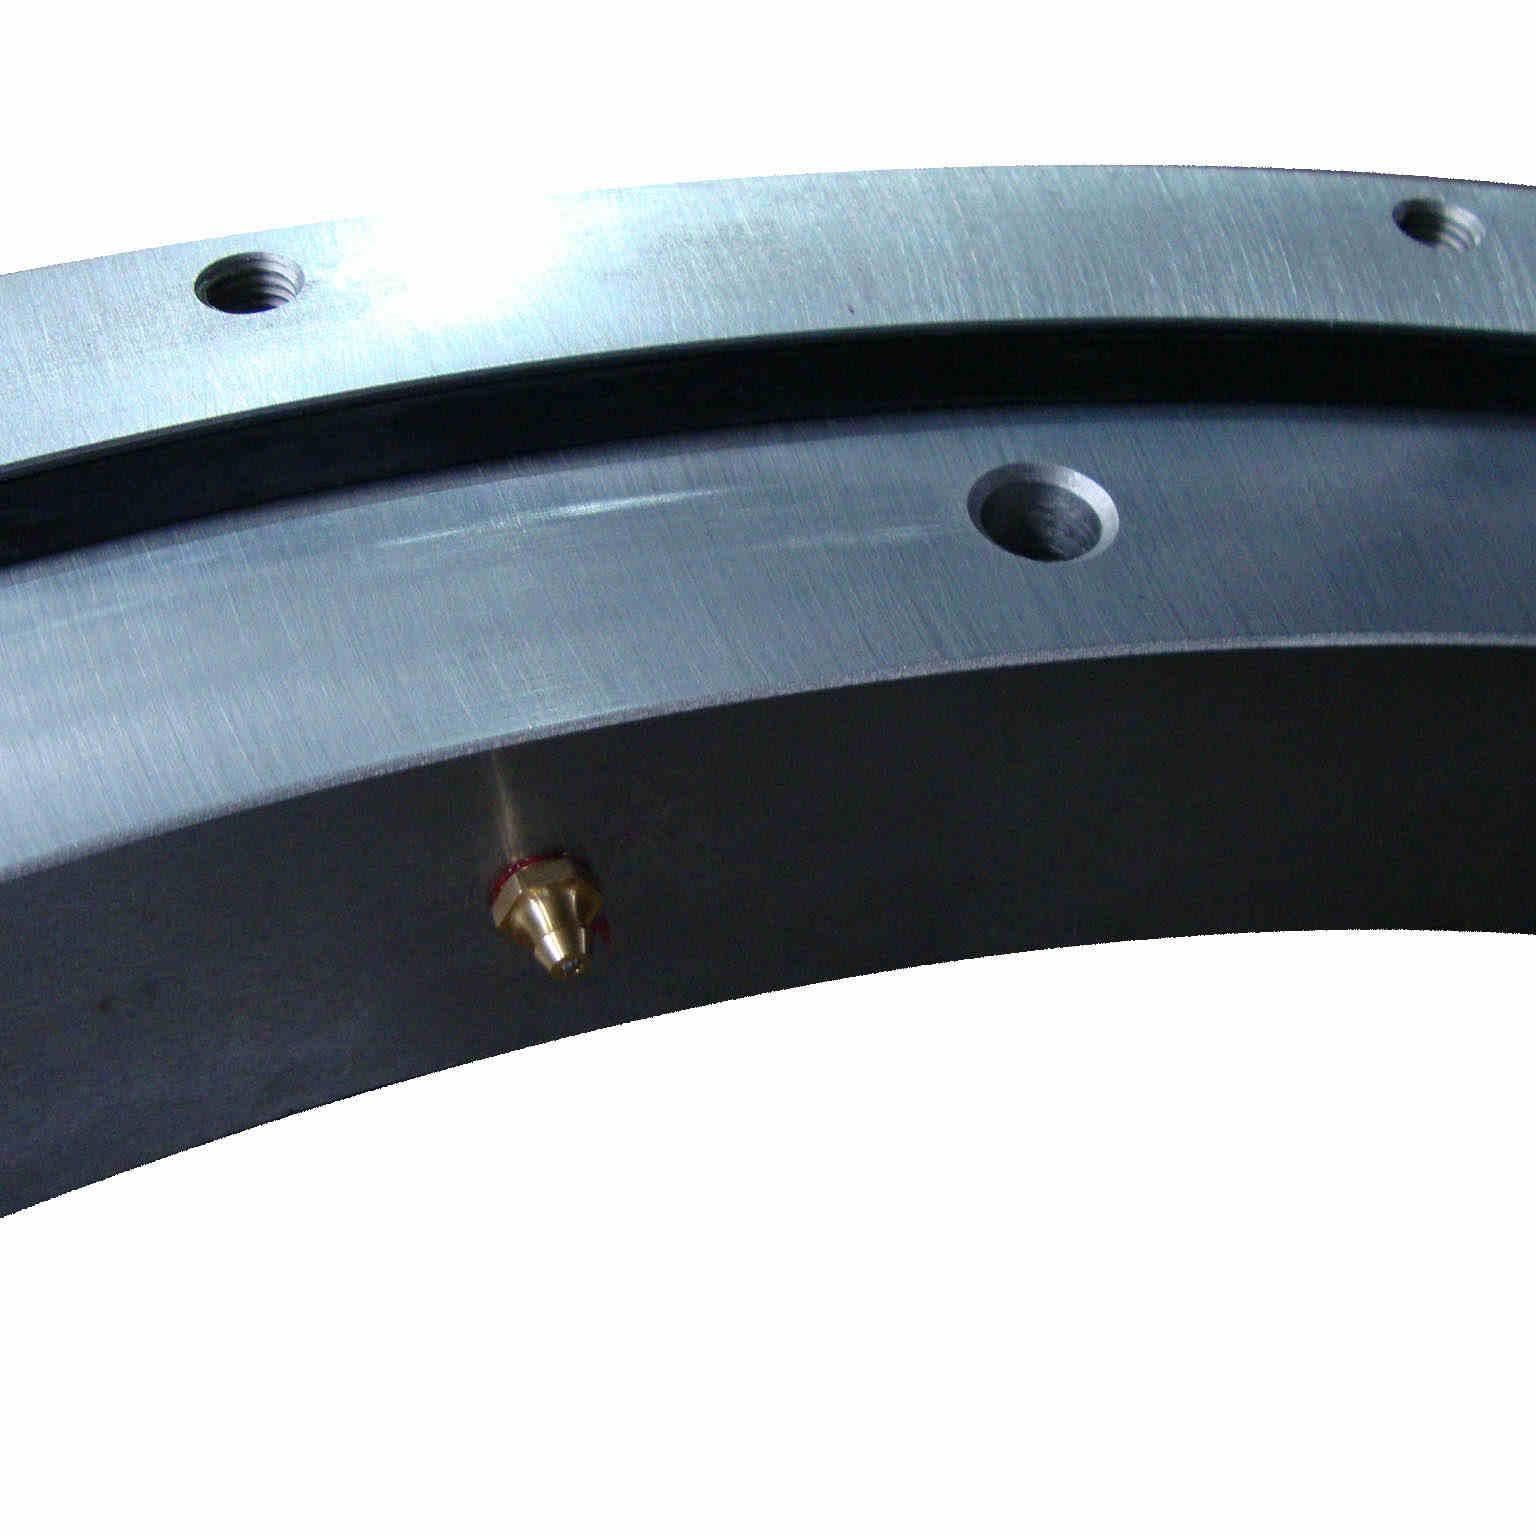 Turntable Bearing Design For Satellite Track Manufacturers, Turntable Bearing Design For Satellite Track Factory, Supply Turntable Bearing Design For Satellite Track